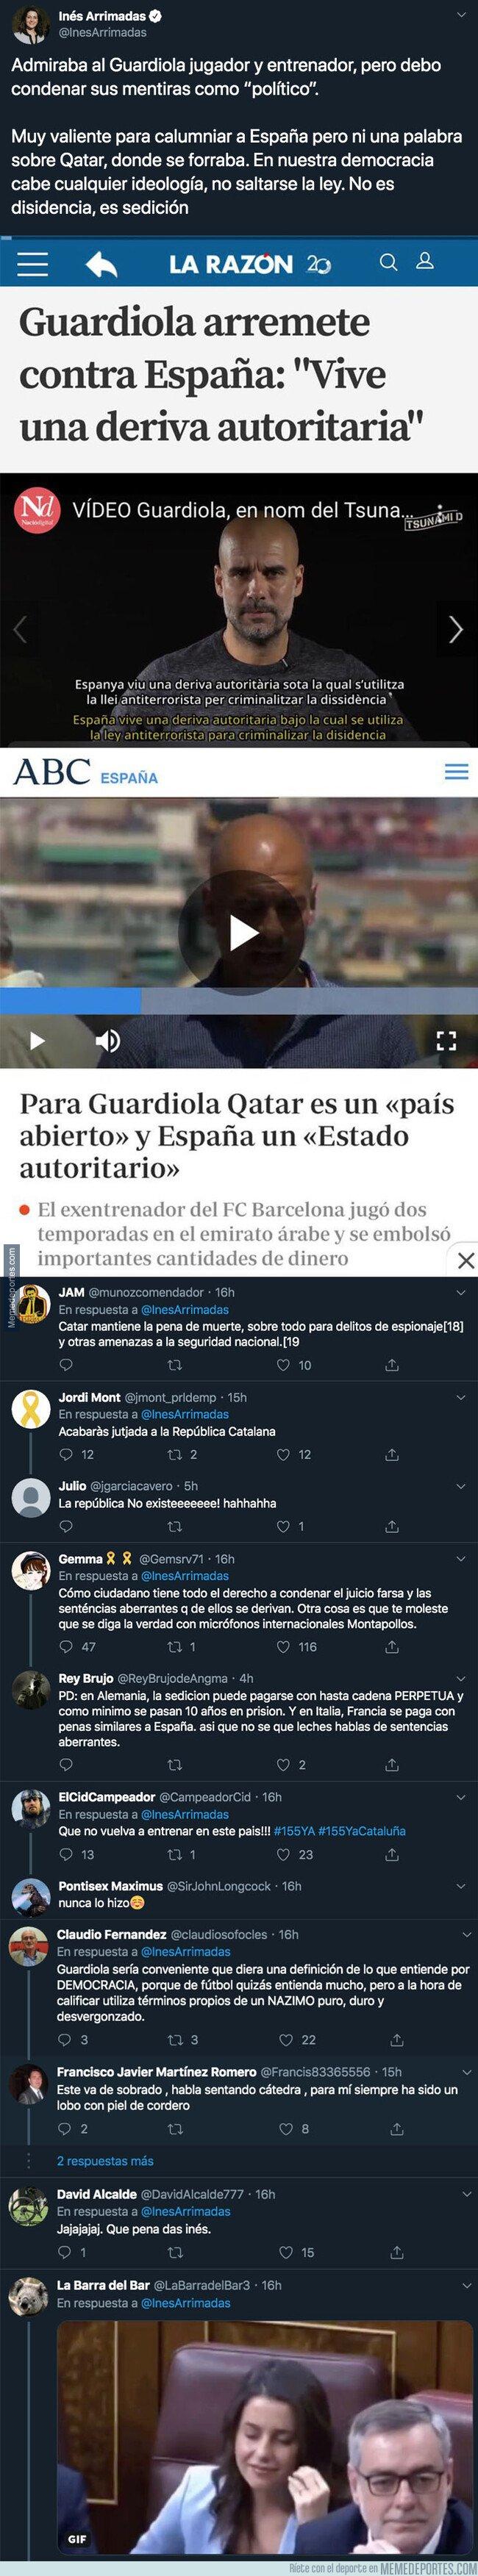 1088504 - Inés Arrimadas carga contra Pep Guardiola por su mensaje político con este duro tuit